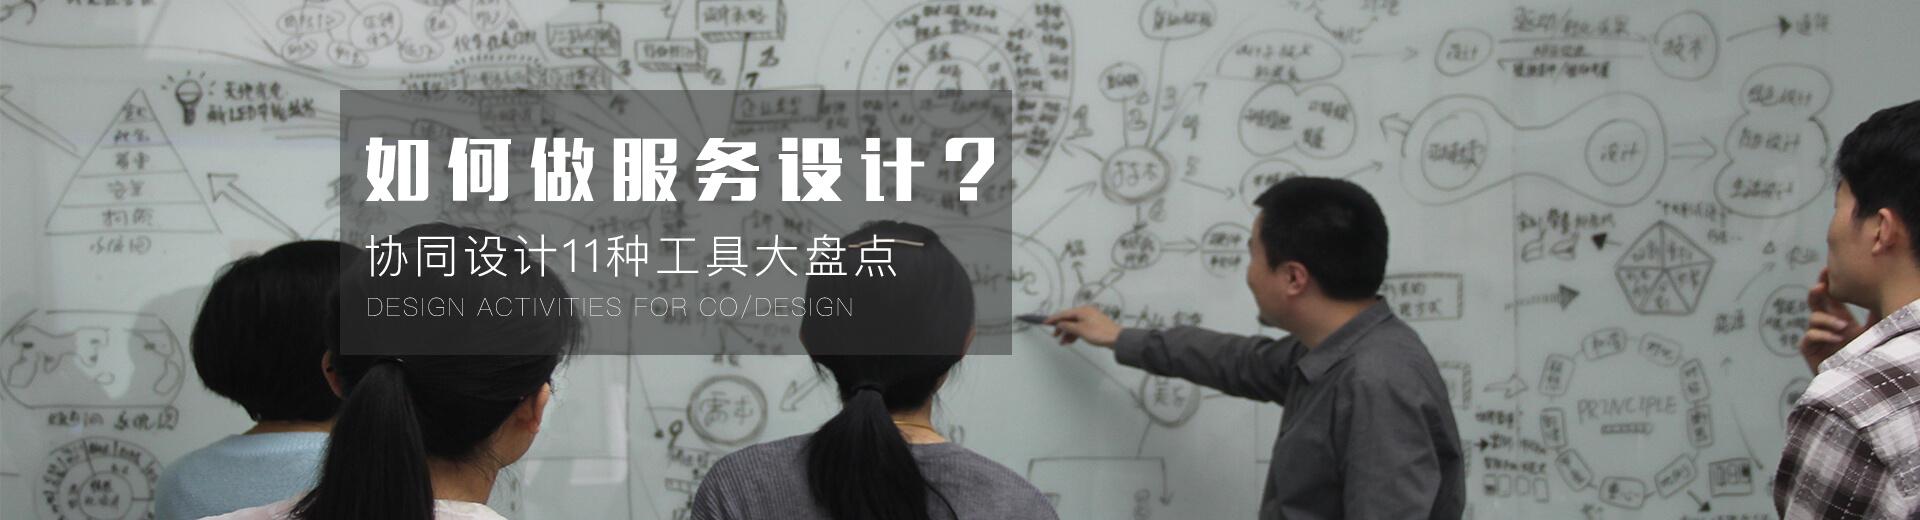 如何做服务设计